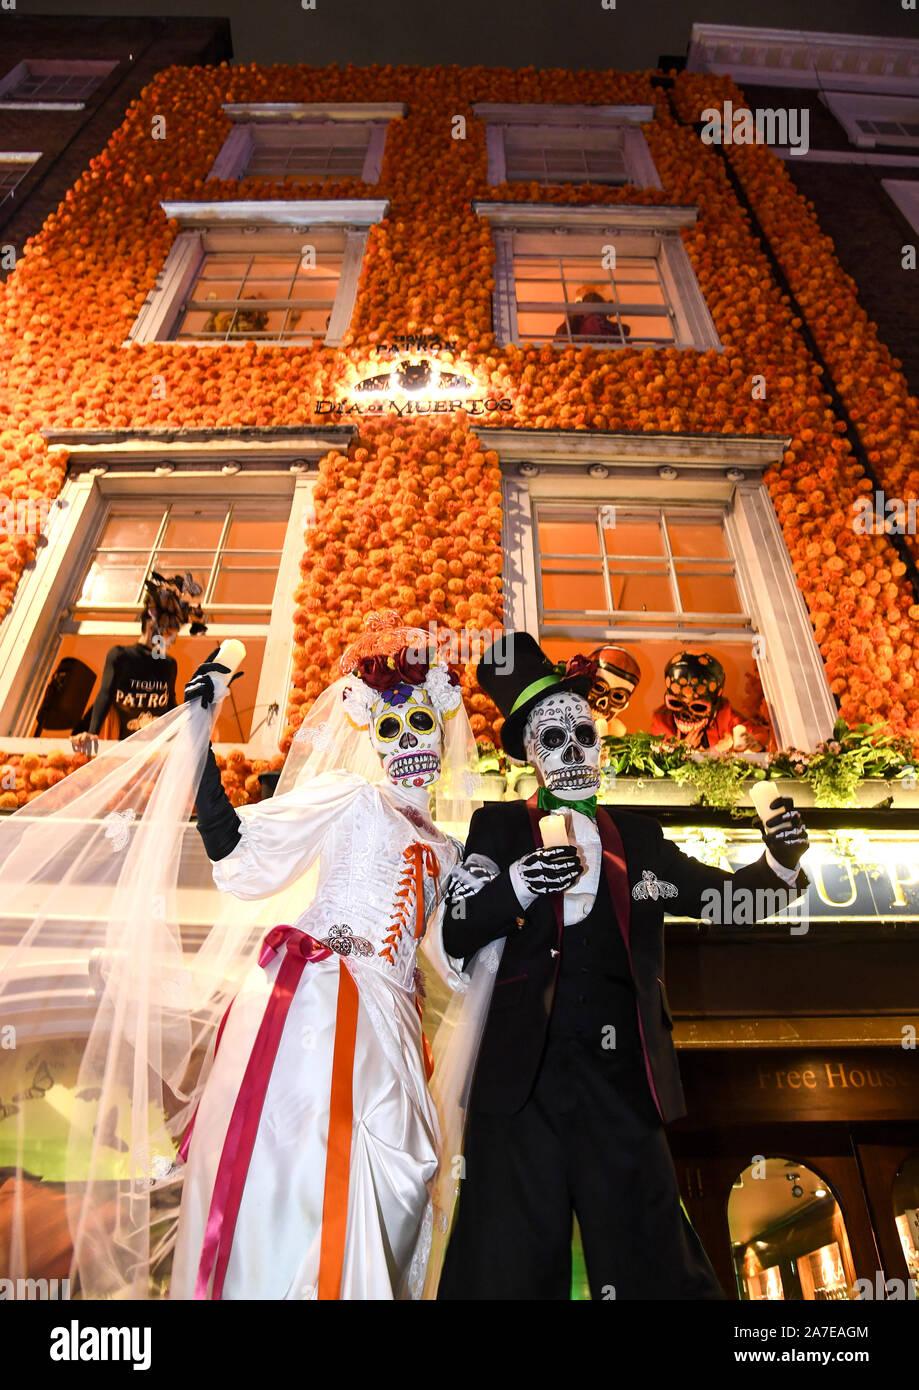 Solo uso editoriale tradizionale messicano Dia de Muertos caratteri come la Calavera Catrina, farfalle monarca e zucchero teschi, festeggiano per le strade di Soho il Patron Tequila il Giorno dei Morti celebrazioni, Londra. Foto Stock